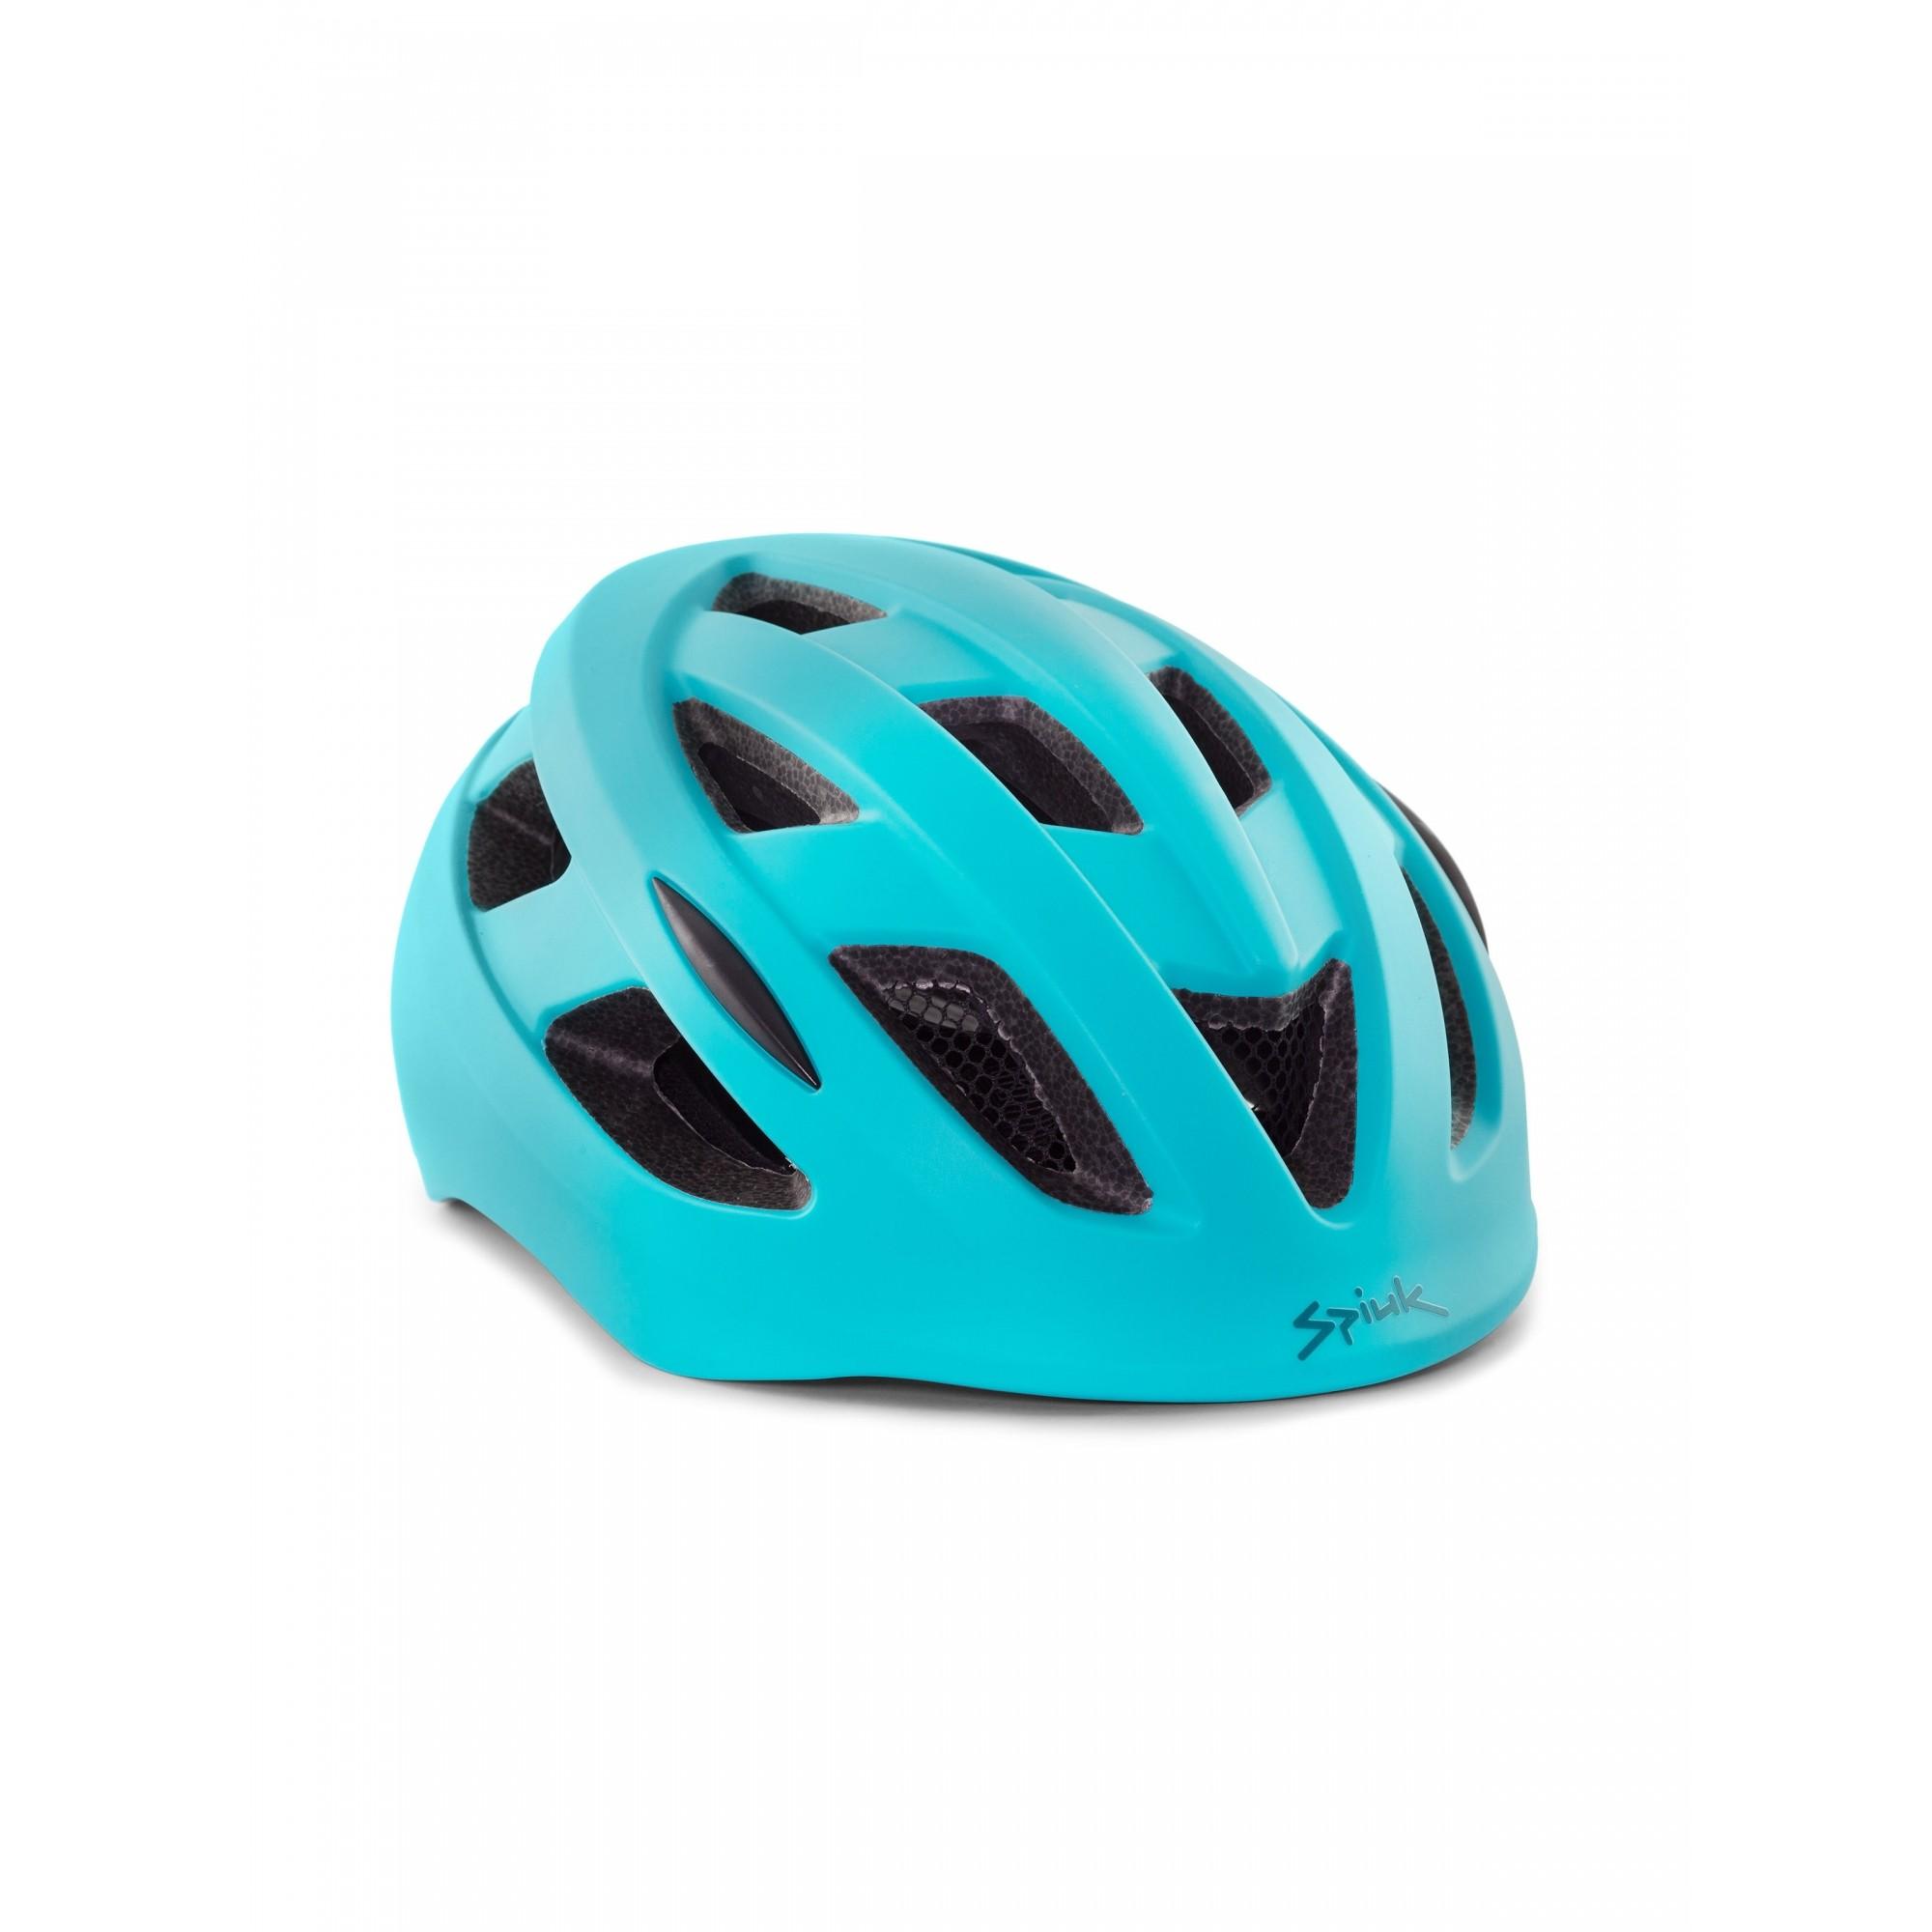 Capacete Ciclismo Spiuk Hiri Azul Turquesa M/G (58cm-61cm)